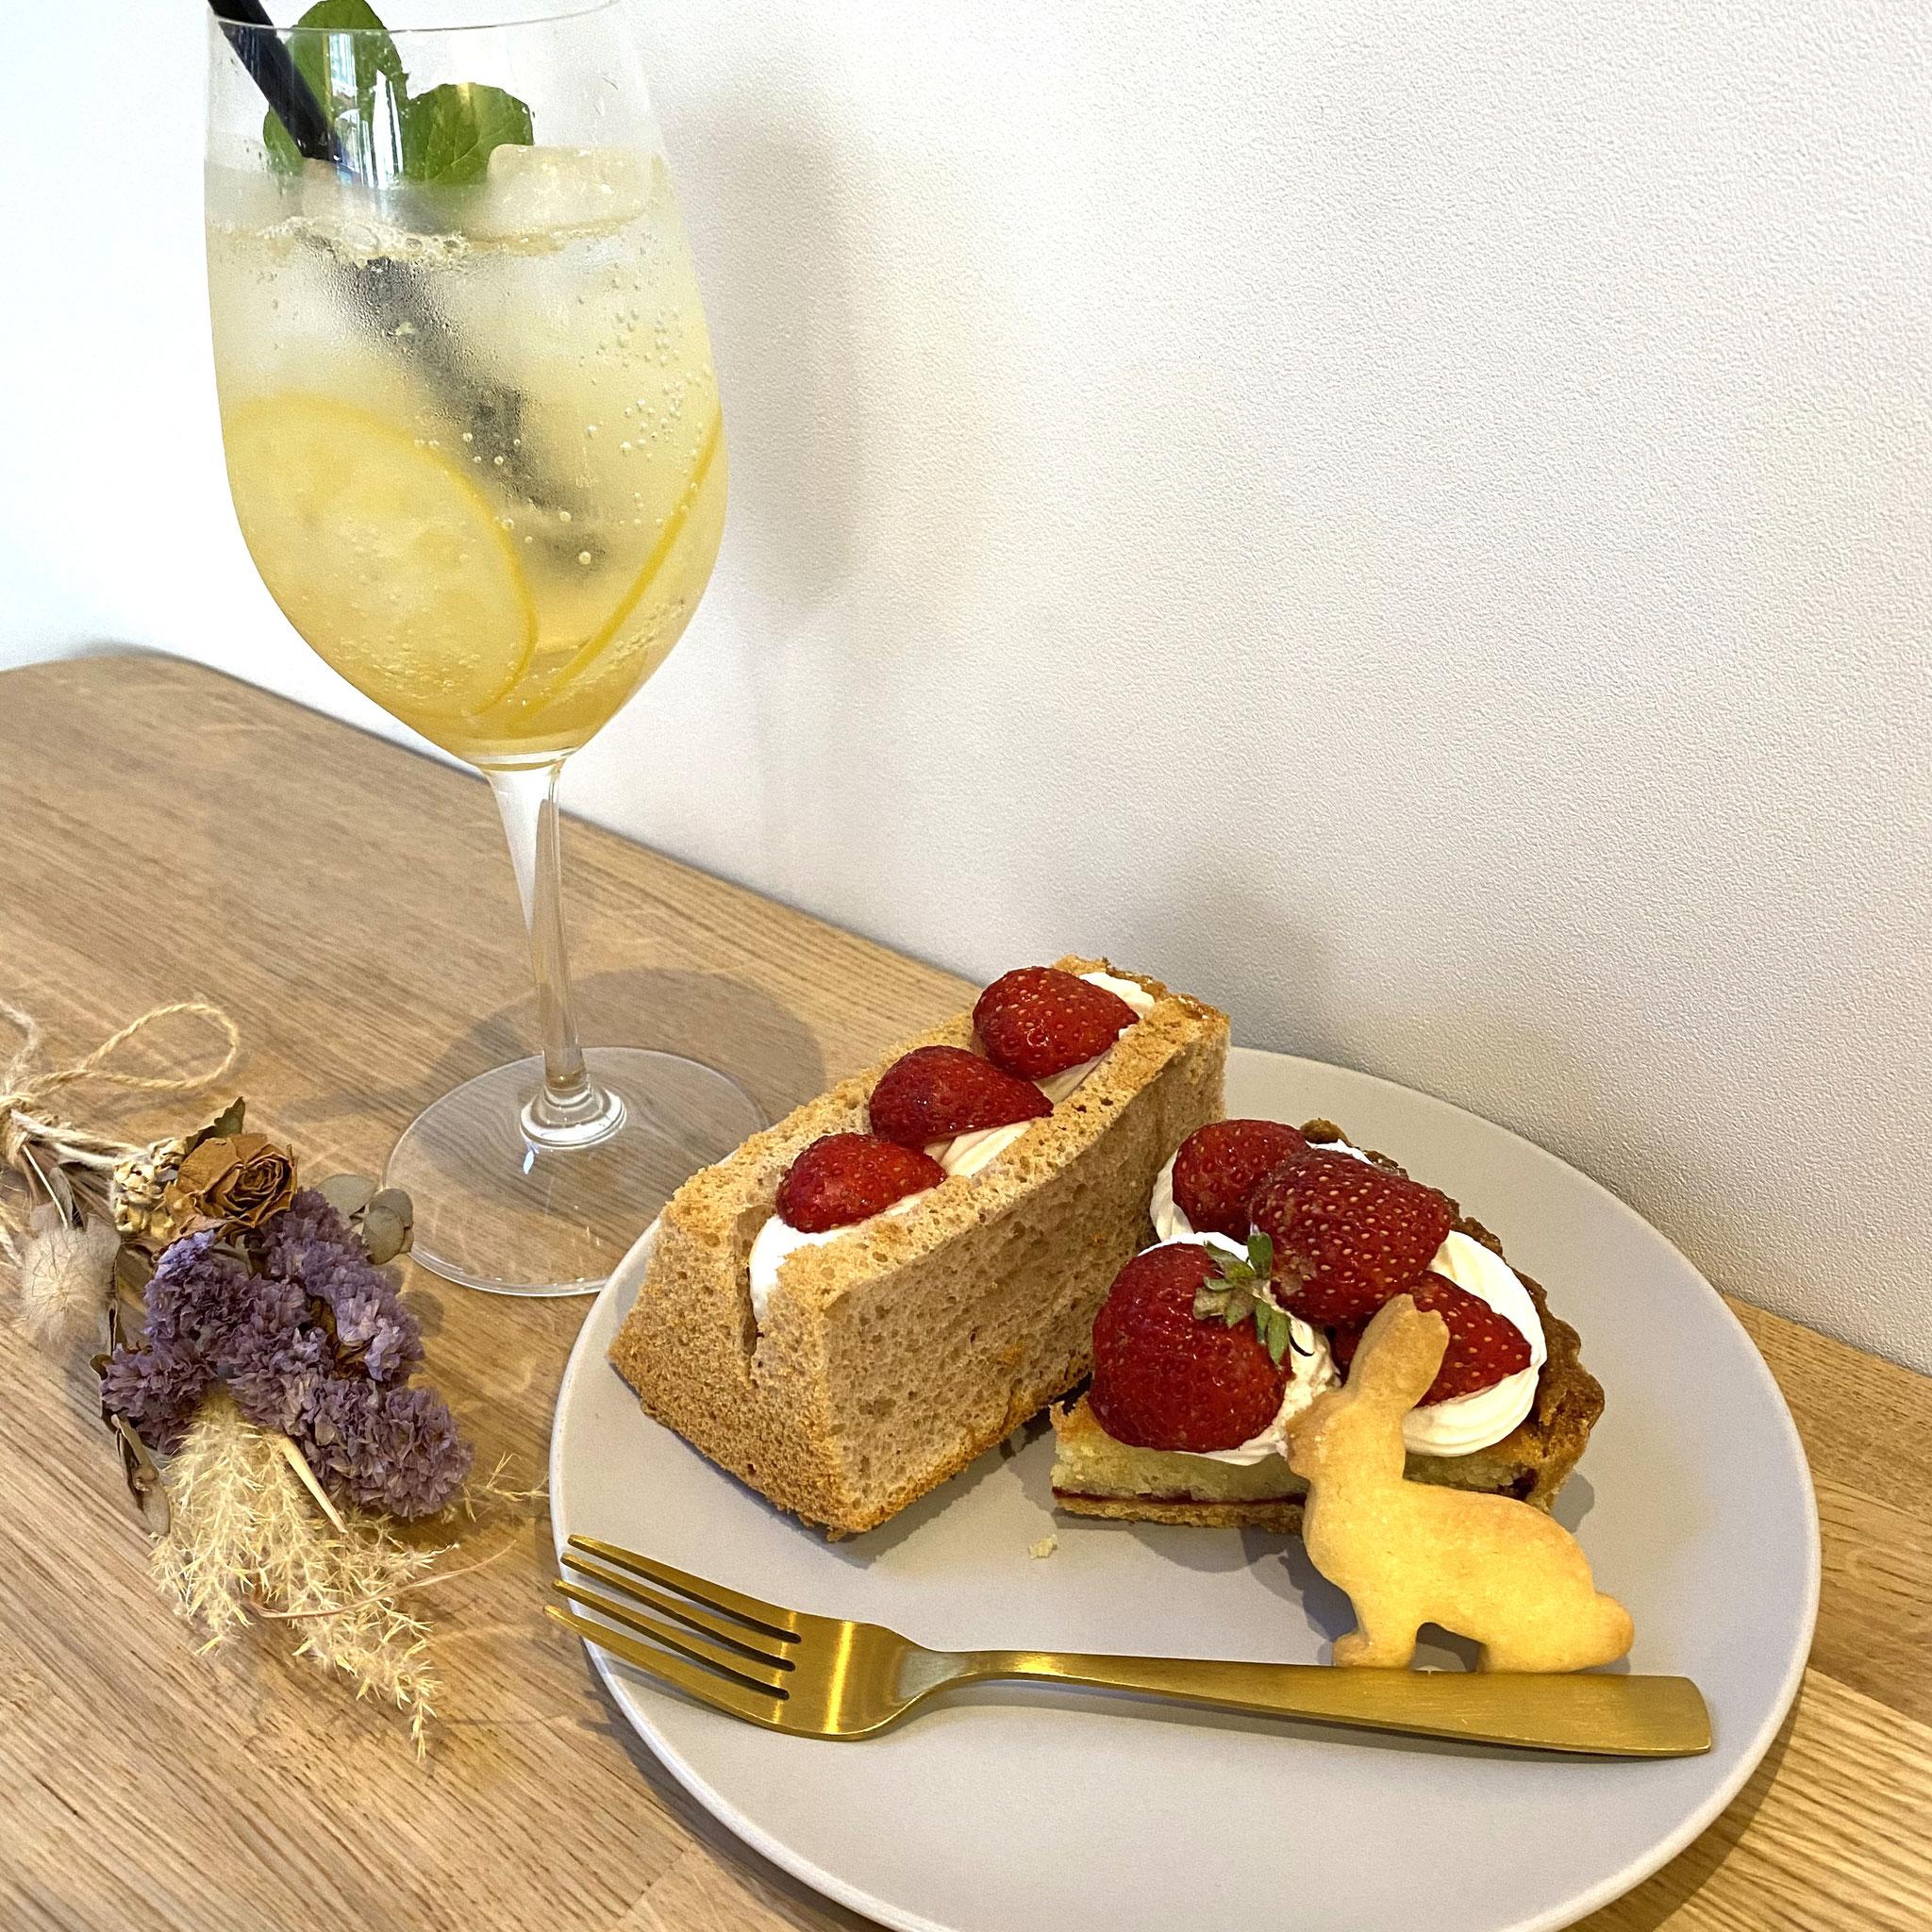 レモンスカッシュとケーキ